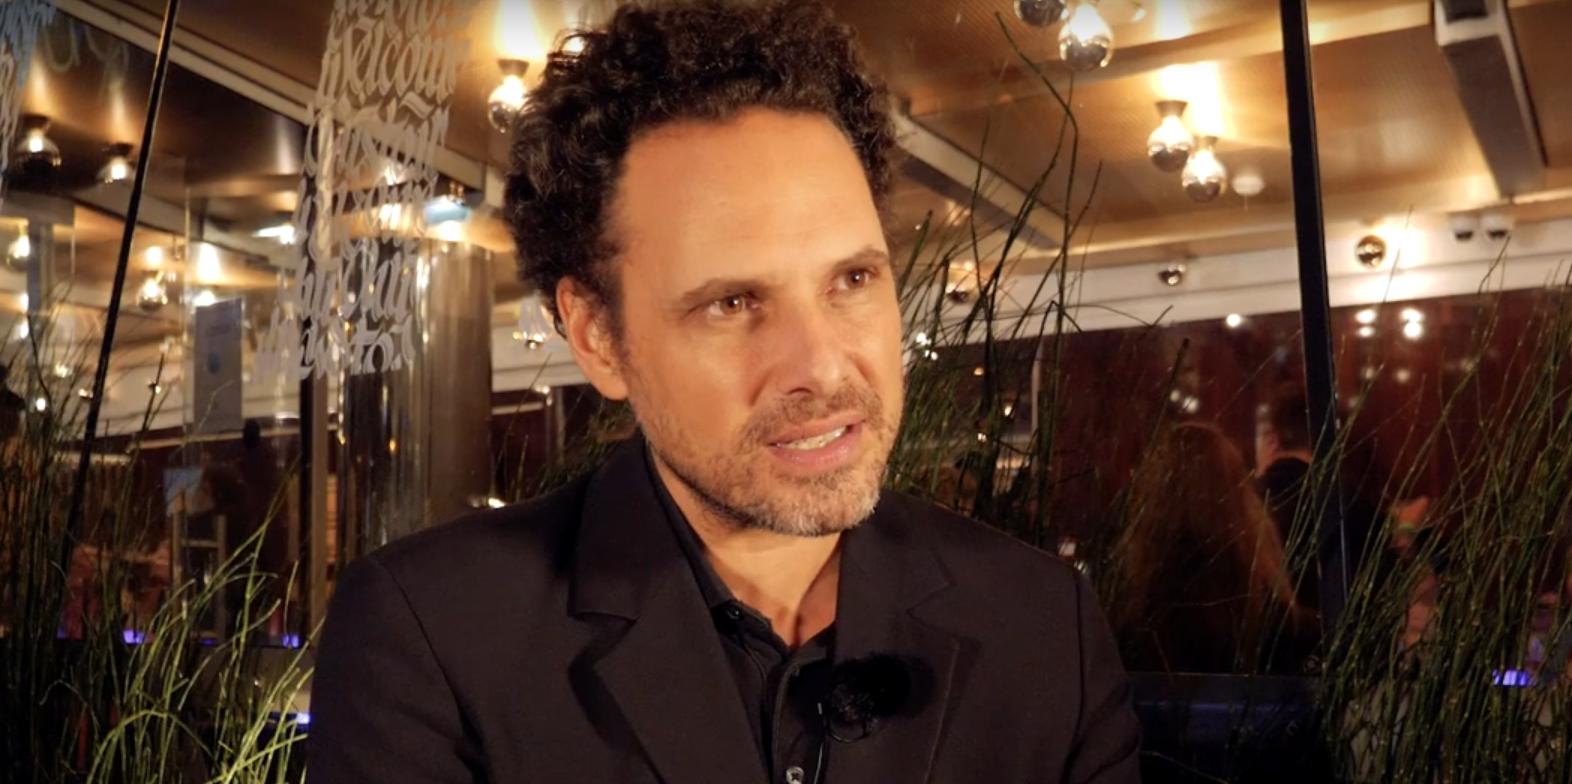 «Je suis en mission pour raconter l'histoire de gens divisés» nous raconte le réalisateur Élie Wajeman